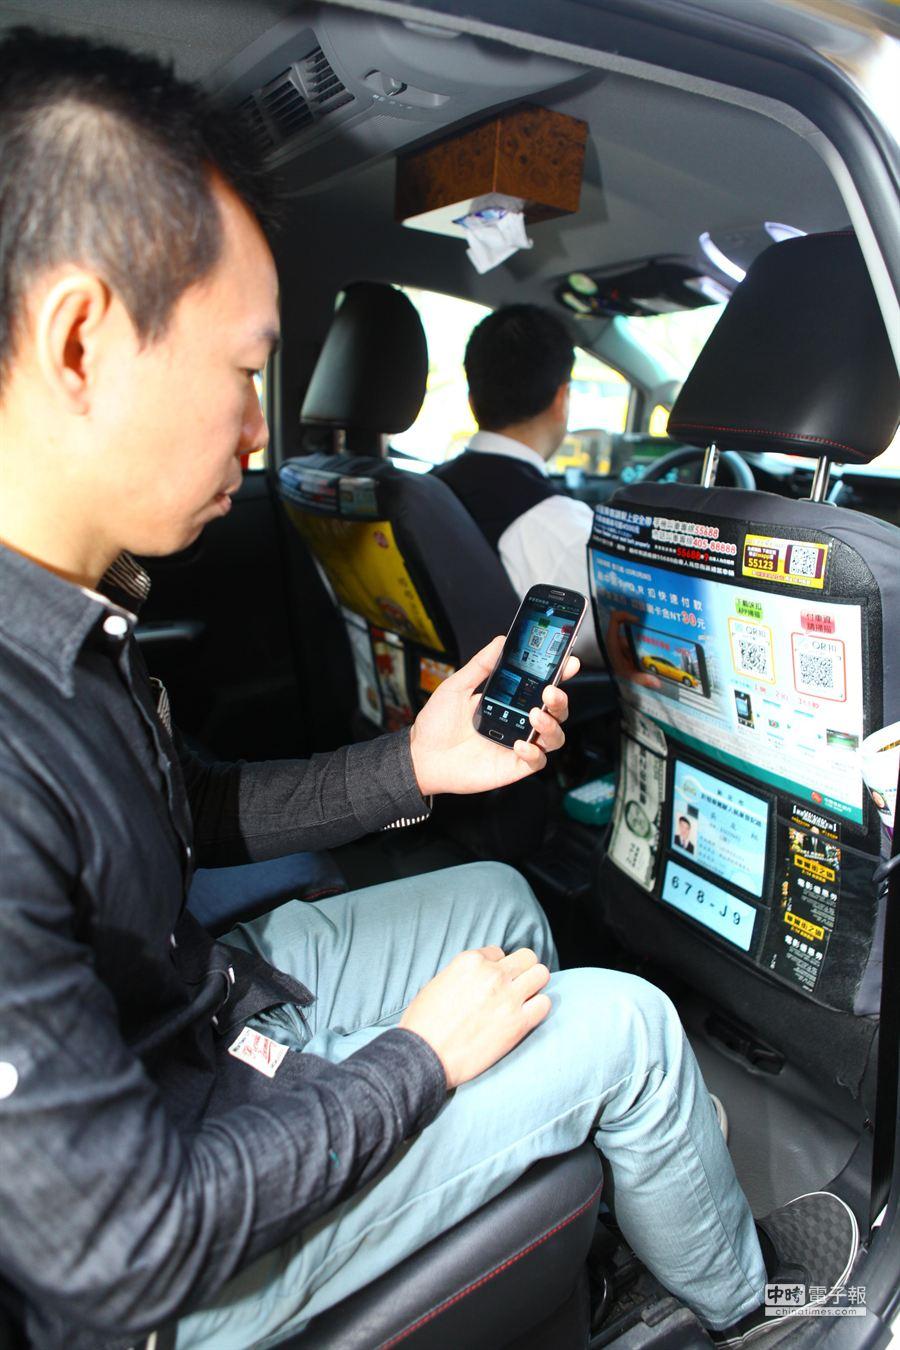 台灣大車隊年終推優惠,與中國信託、中華電信合作「手機QR扣」付款服務,乘客可享30元優惠。(張立勳攝)